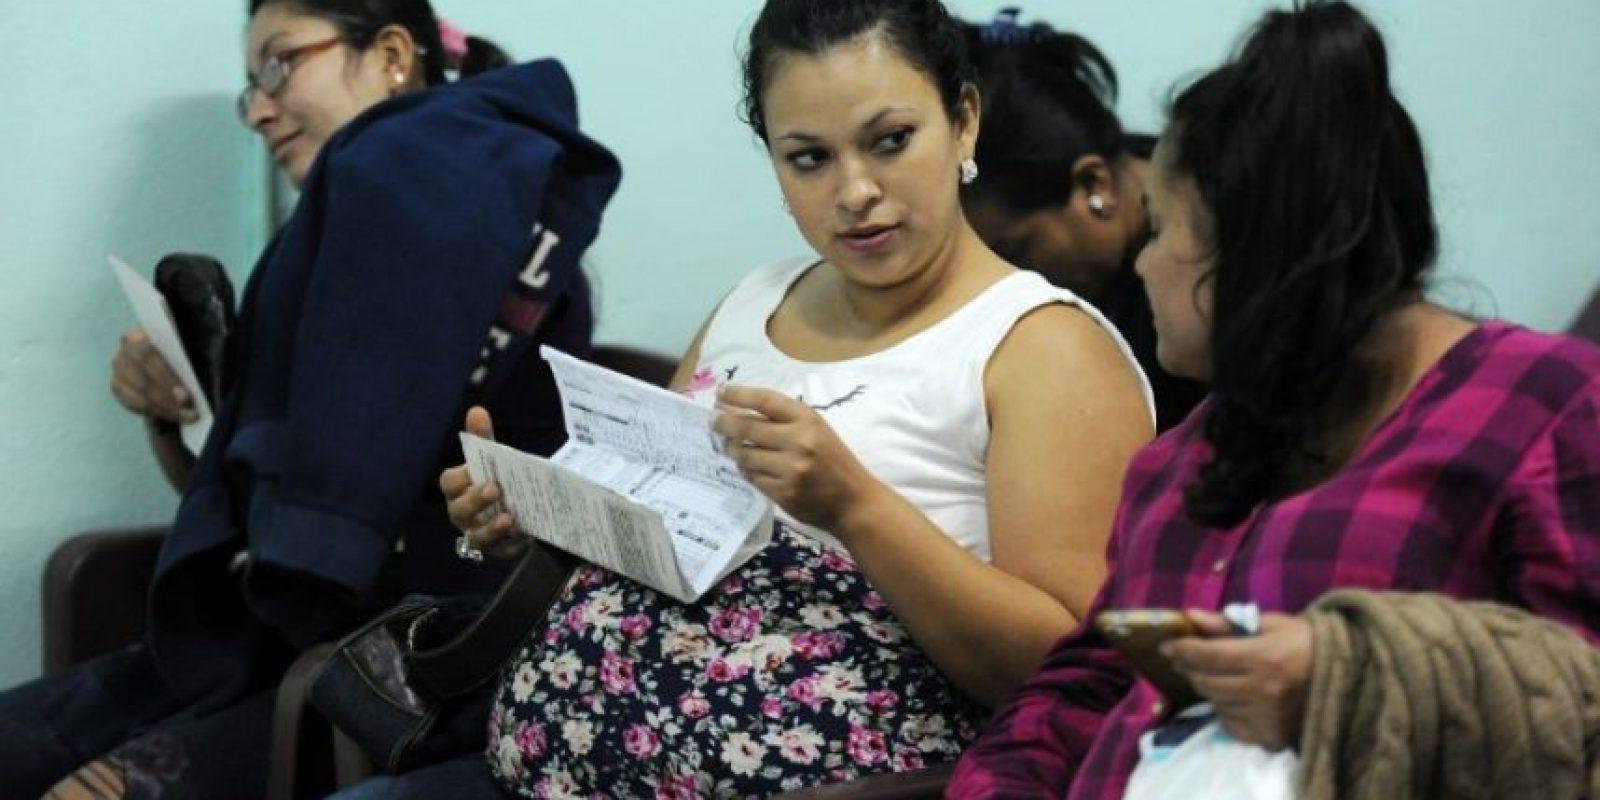 Recomiendan que las embarazadas eviten cualquier picadura del mosquito. Foto:AFP. Imagen Por: